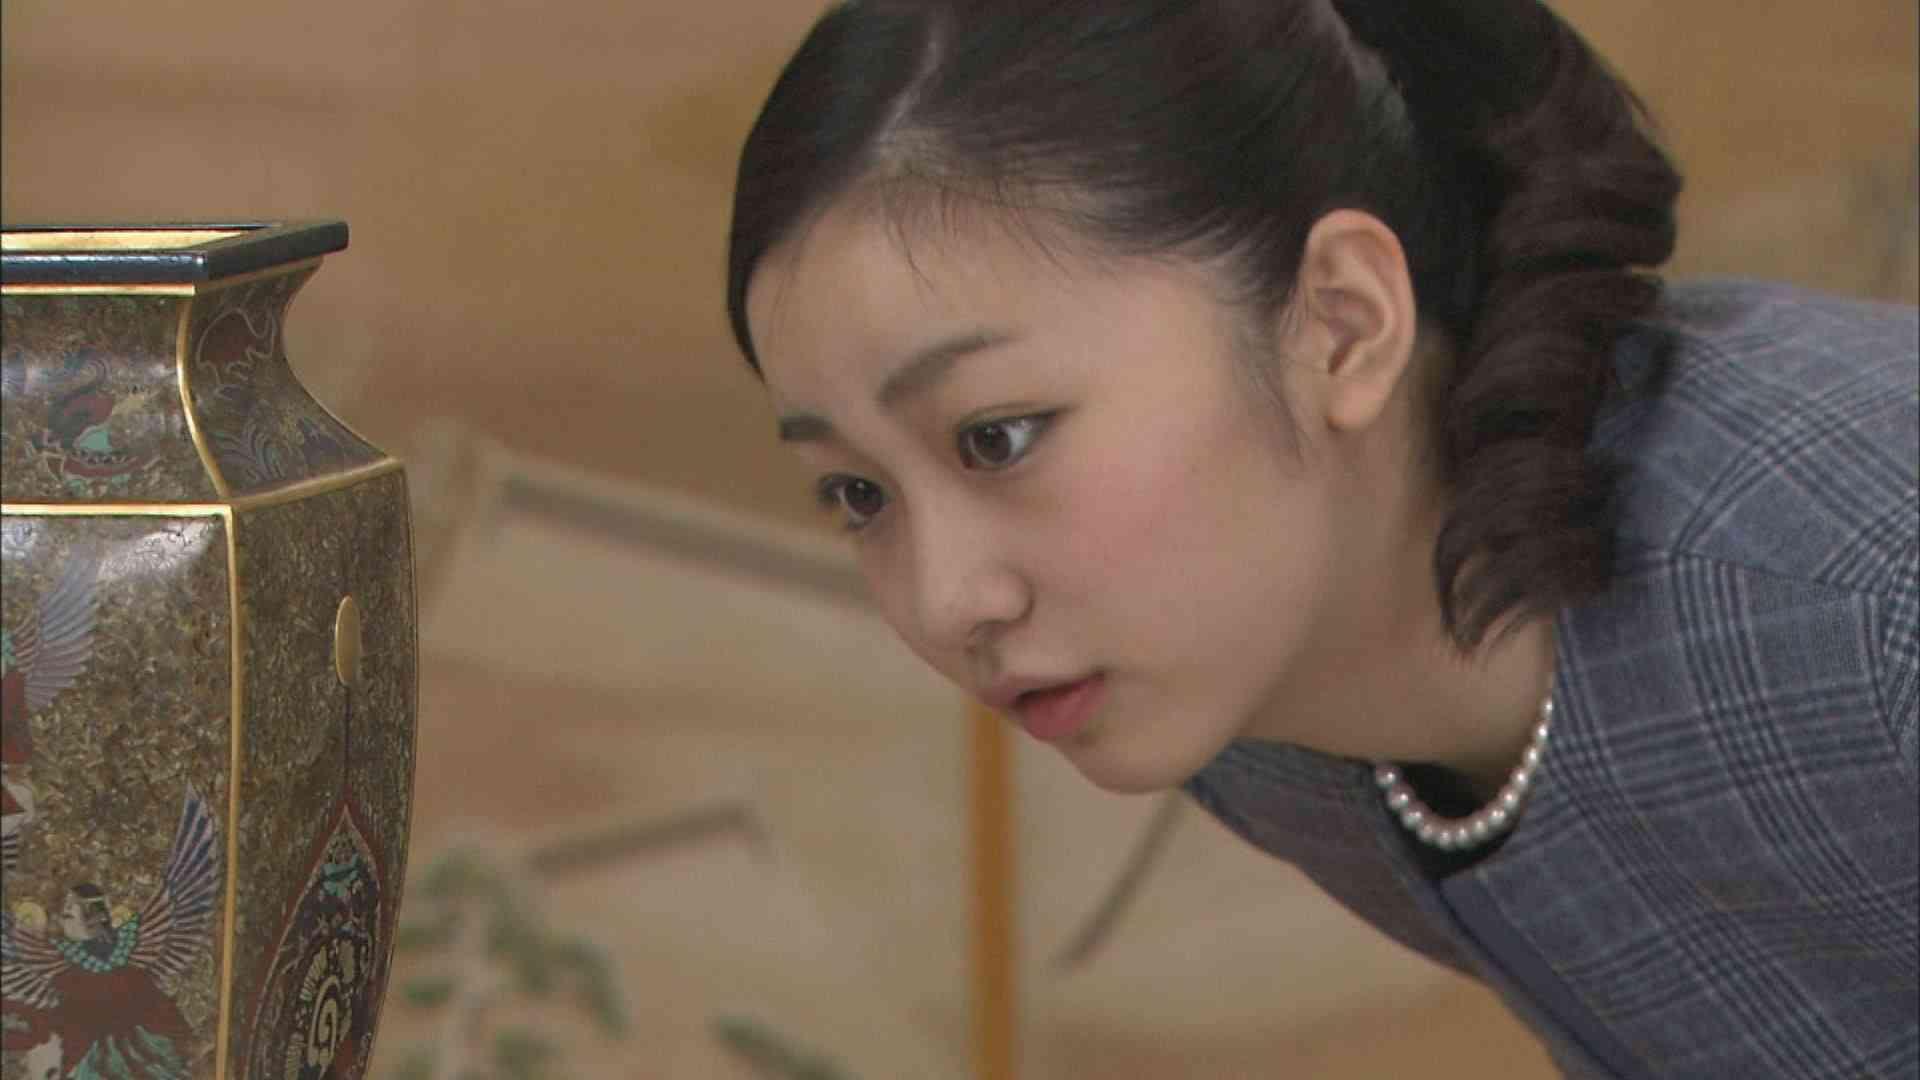 「仕事一つ一つ大切に」 佳子さま20歳、成年皇族に - YouTube